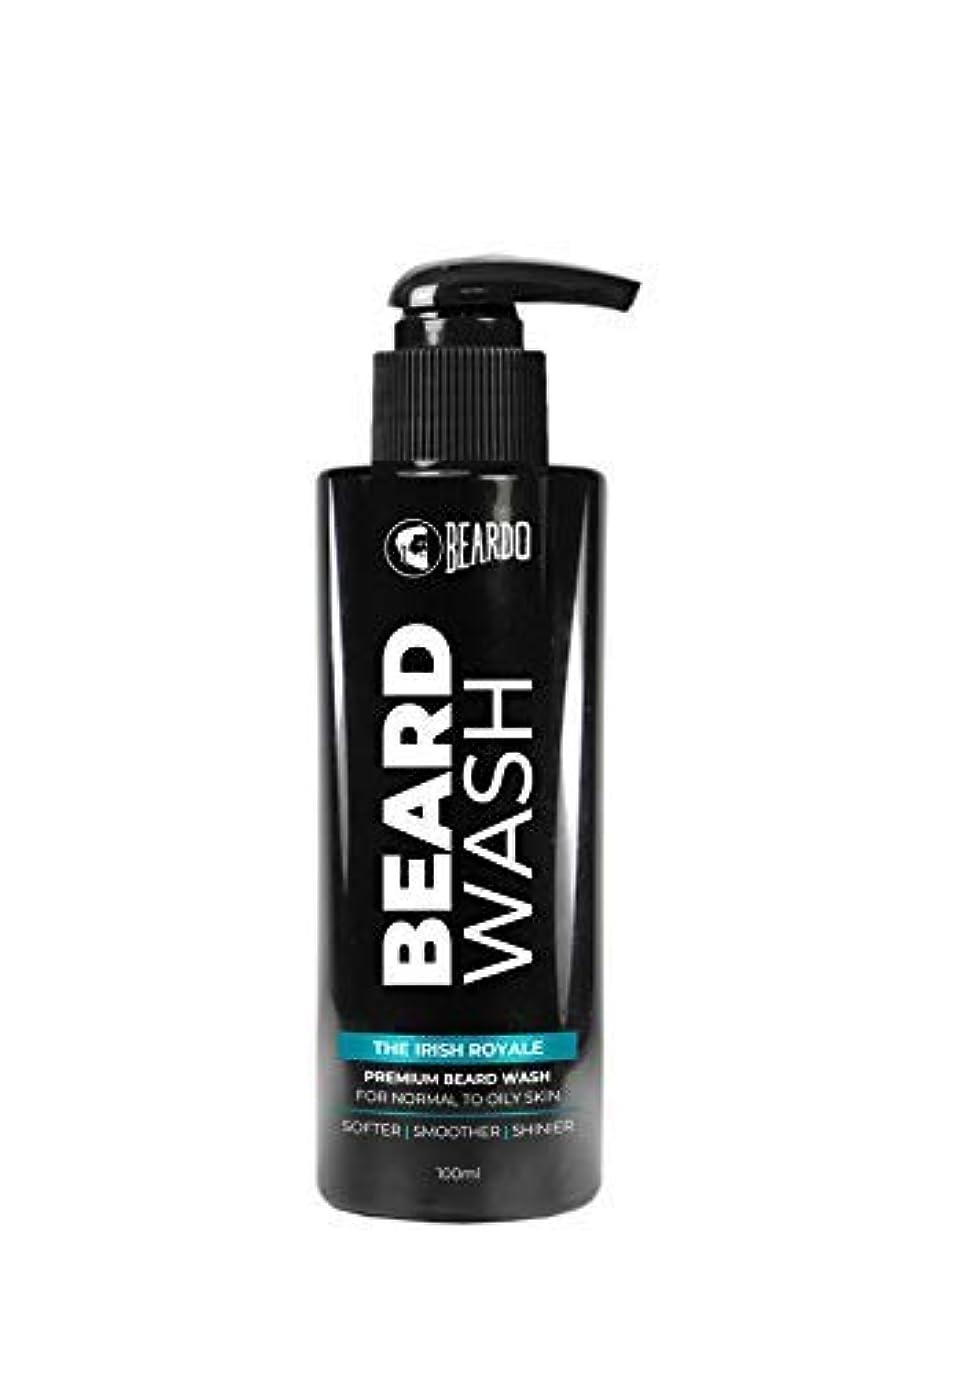 アトラスめる分析するBeardo Beard Wash (The Irish Royale) - 100 ml With Natural Ingredients - Nutmeg, Clove and Lime